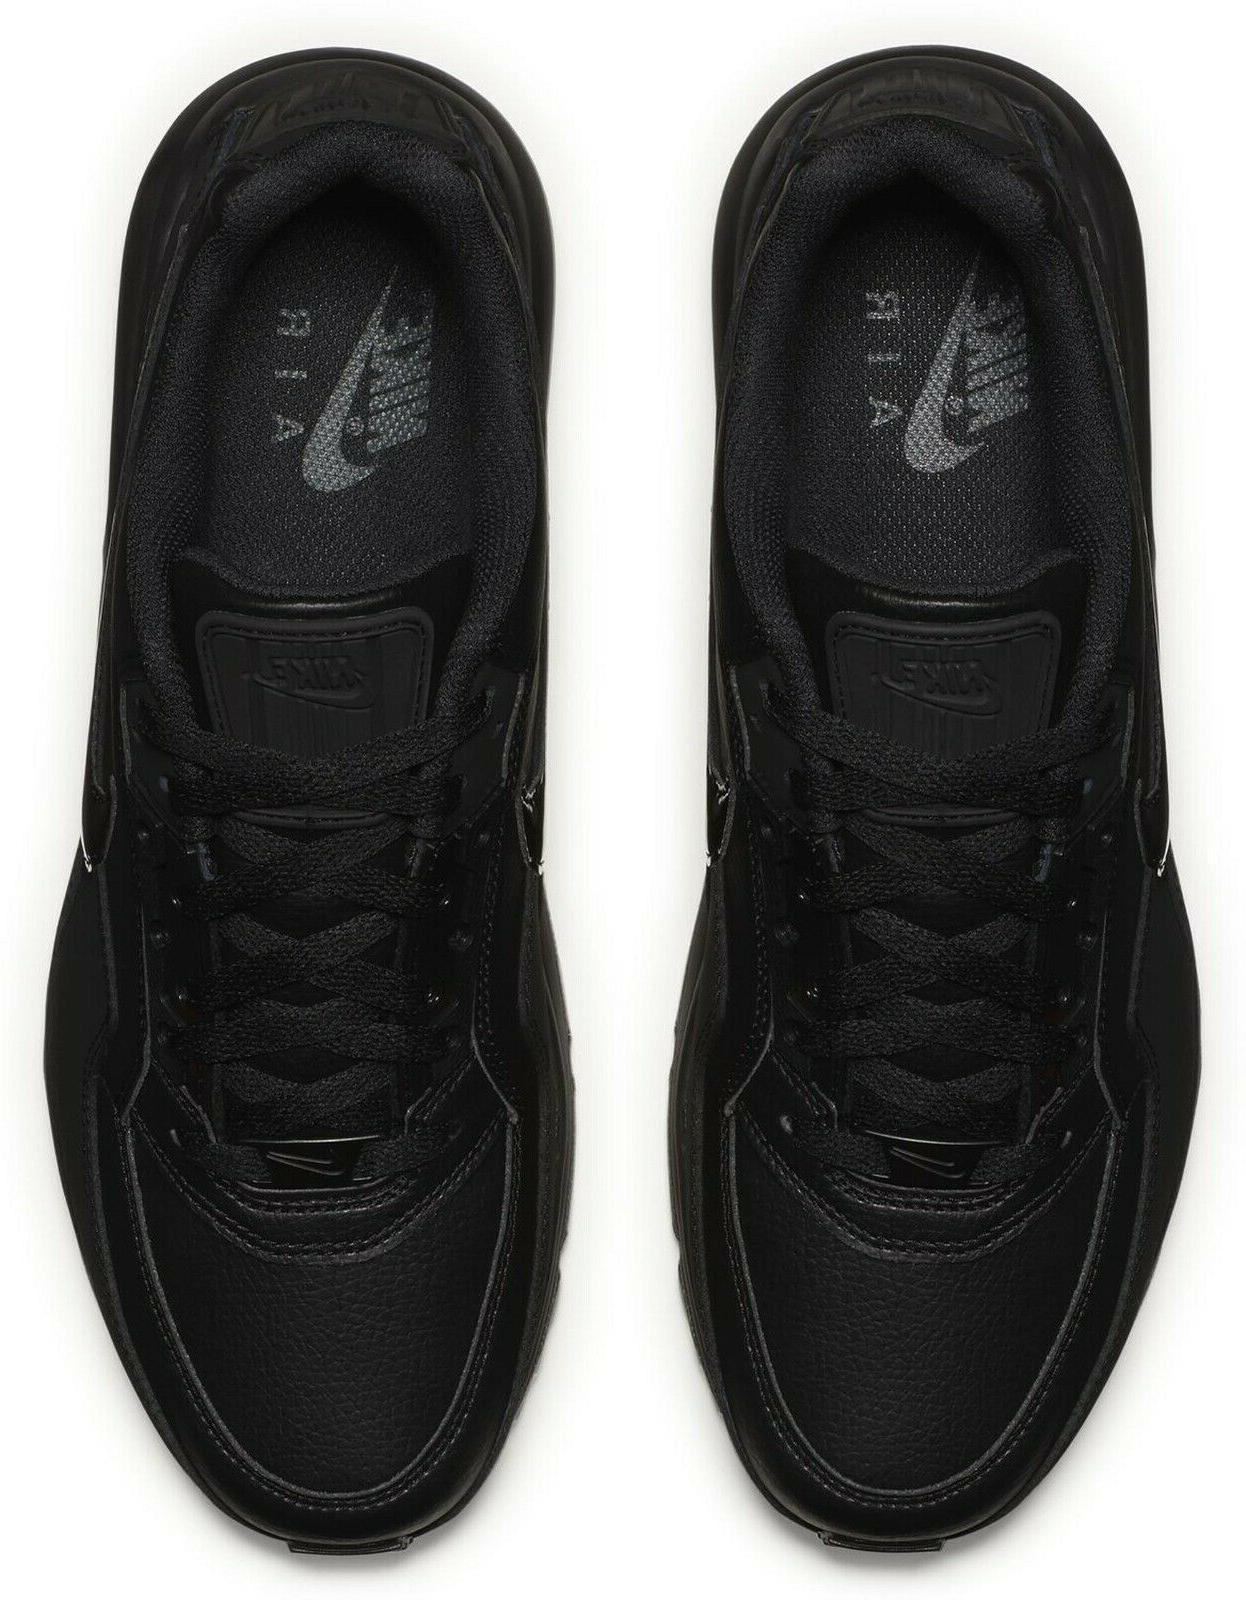 New Air LTD 3 sneakers 687977 020 Mens triple